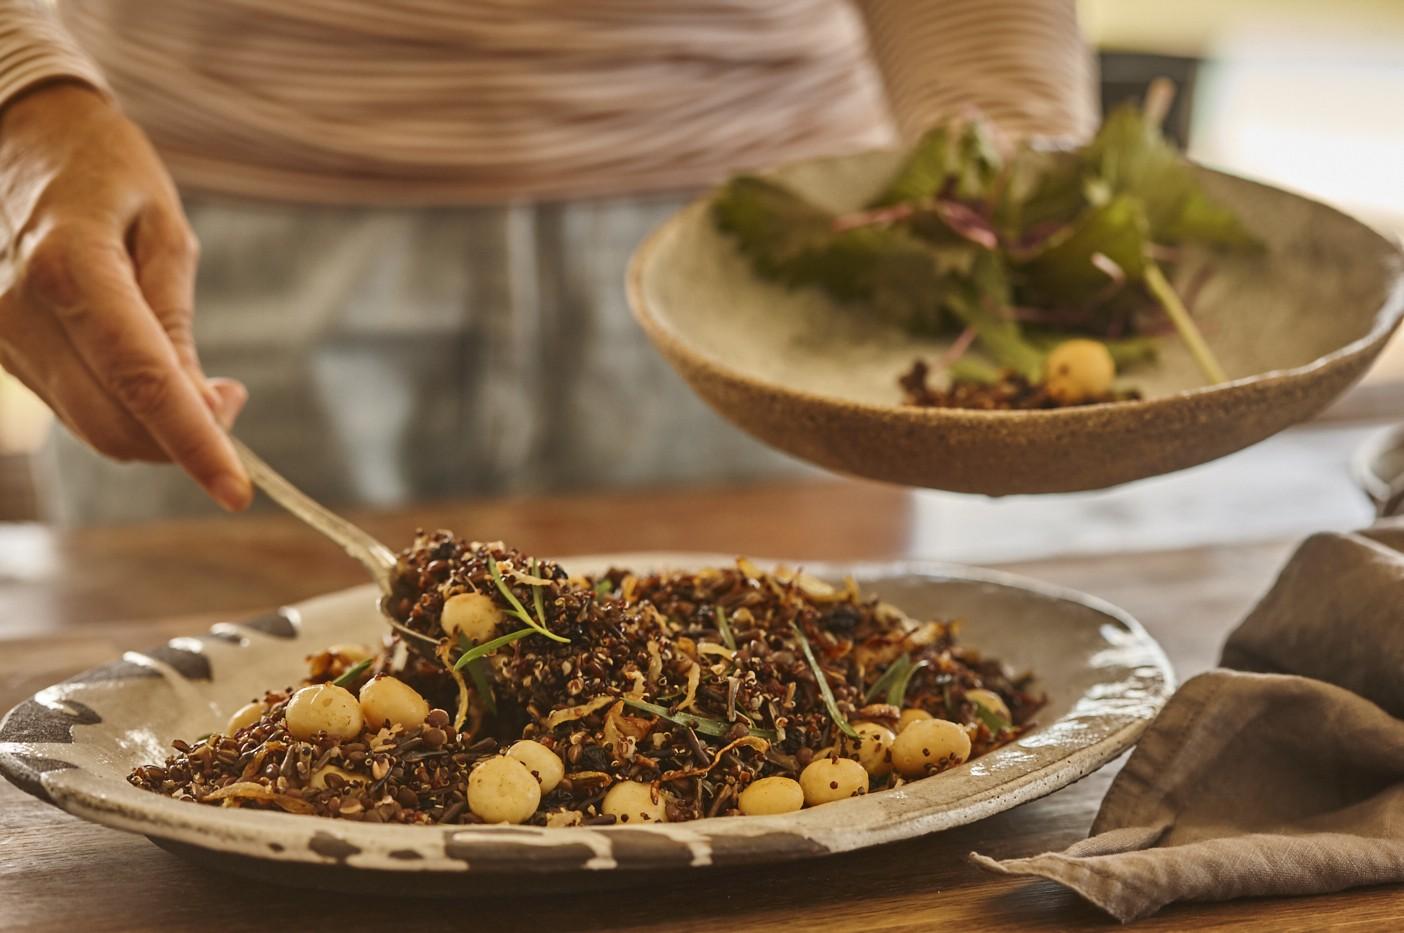 Quinoa-, Wildreis-, Linsen- und Macadamia-Salat